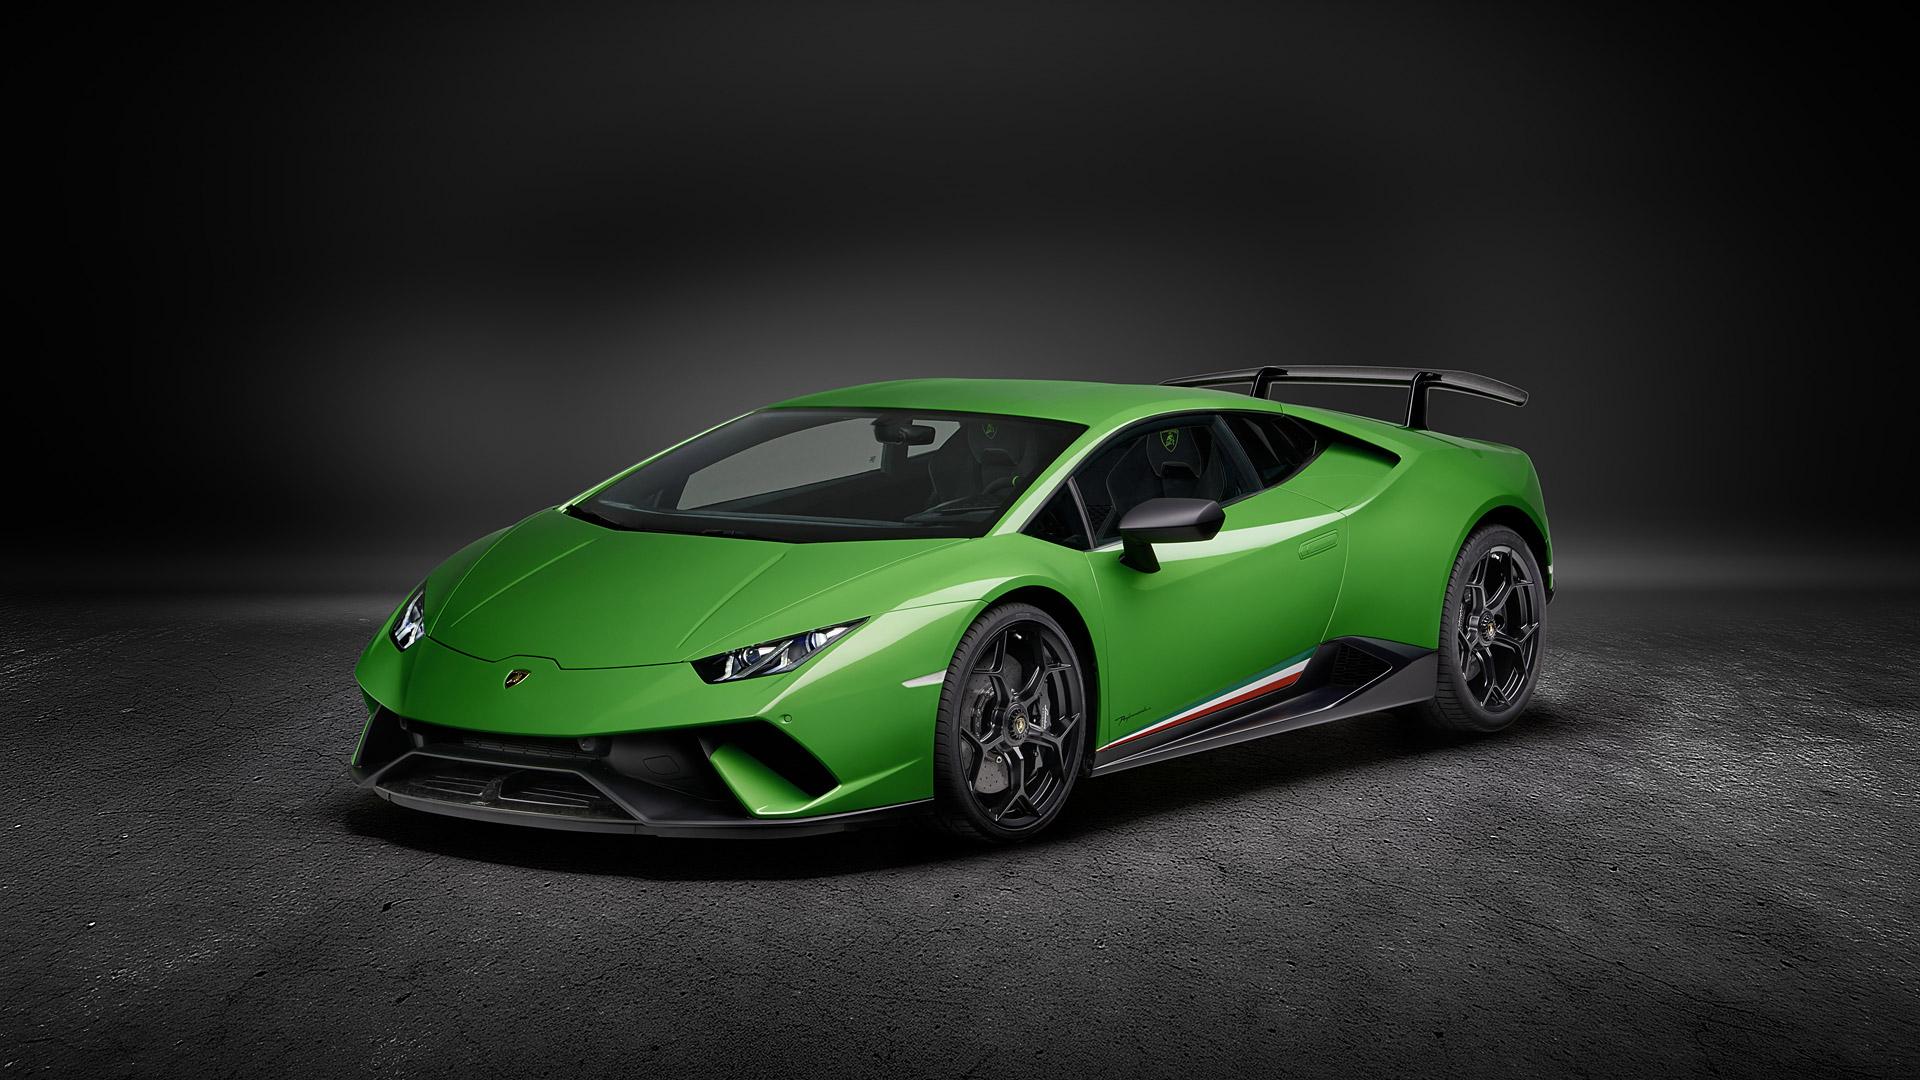 2018 Lamborghini Huracan Performante Wallpapers HD Images 1920x1080